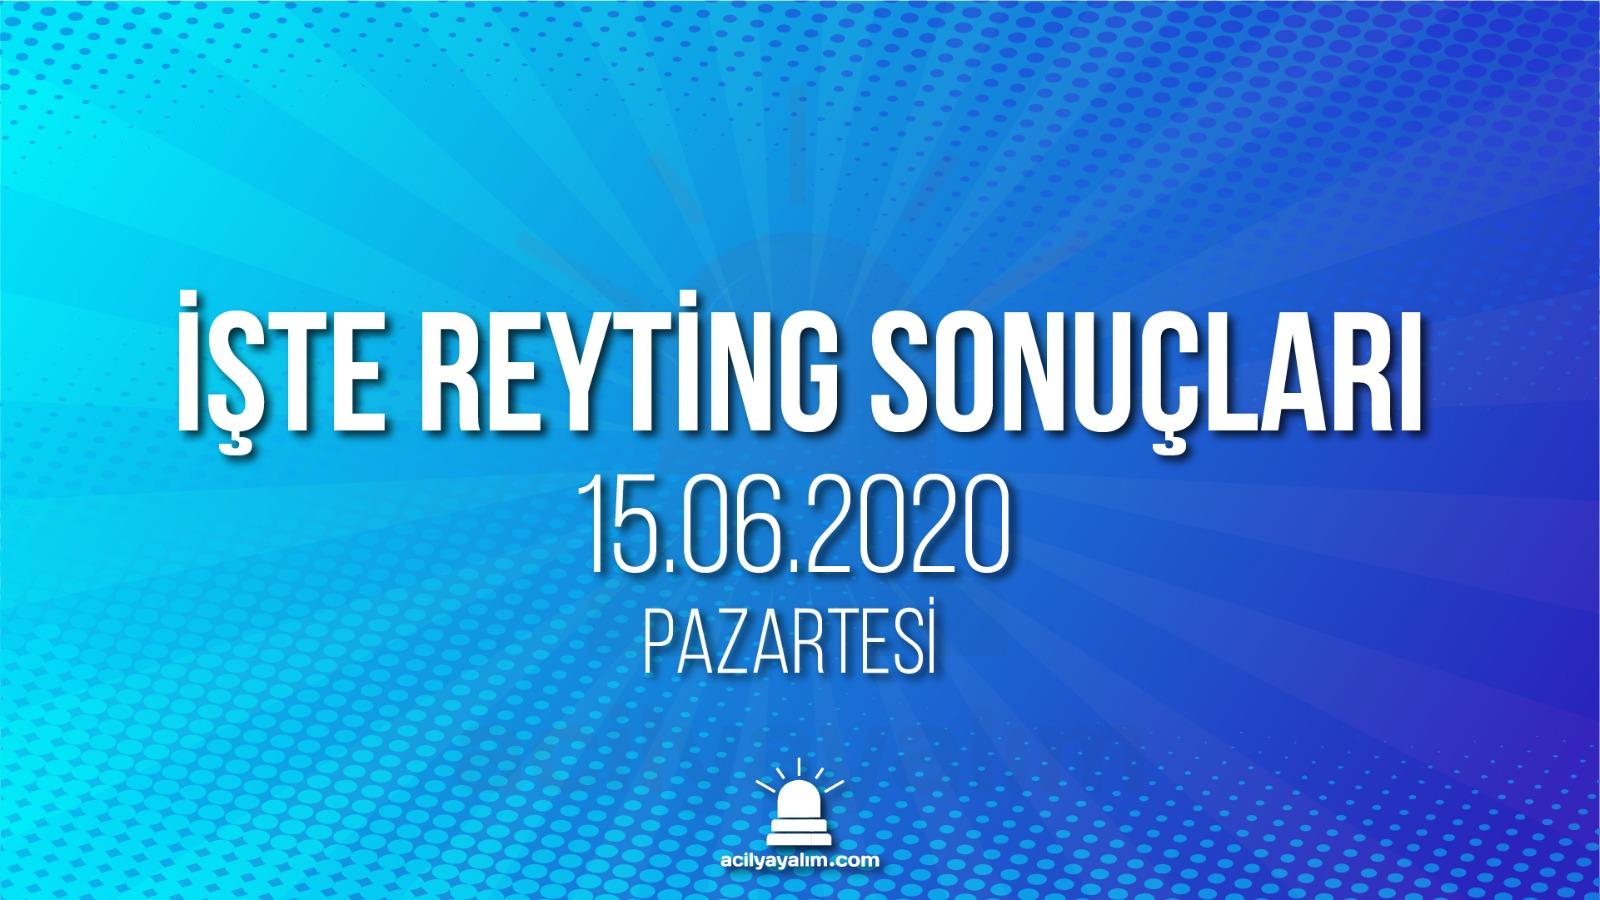 15 Haziran 2020 Pazartesi reyting sonuçları